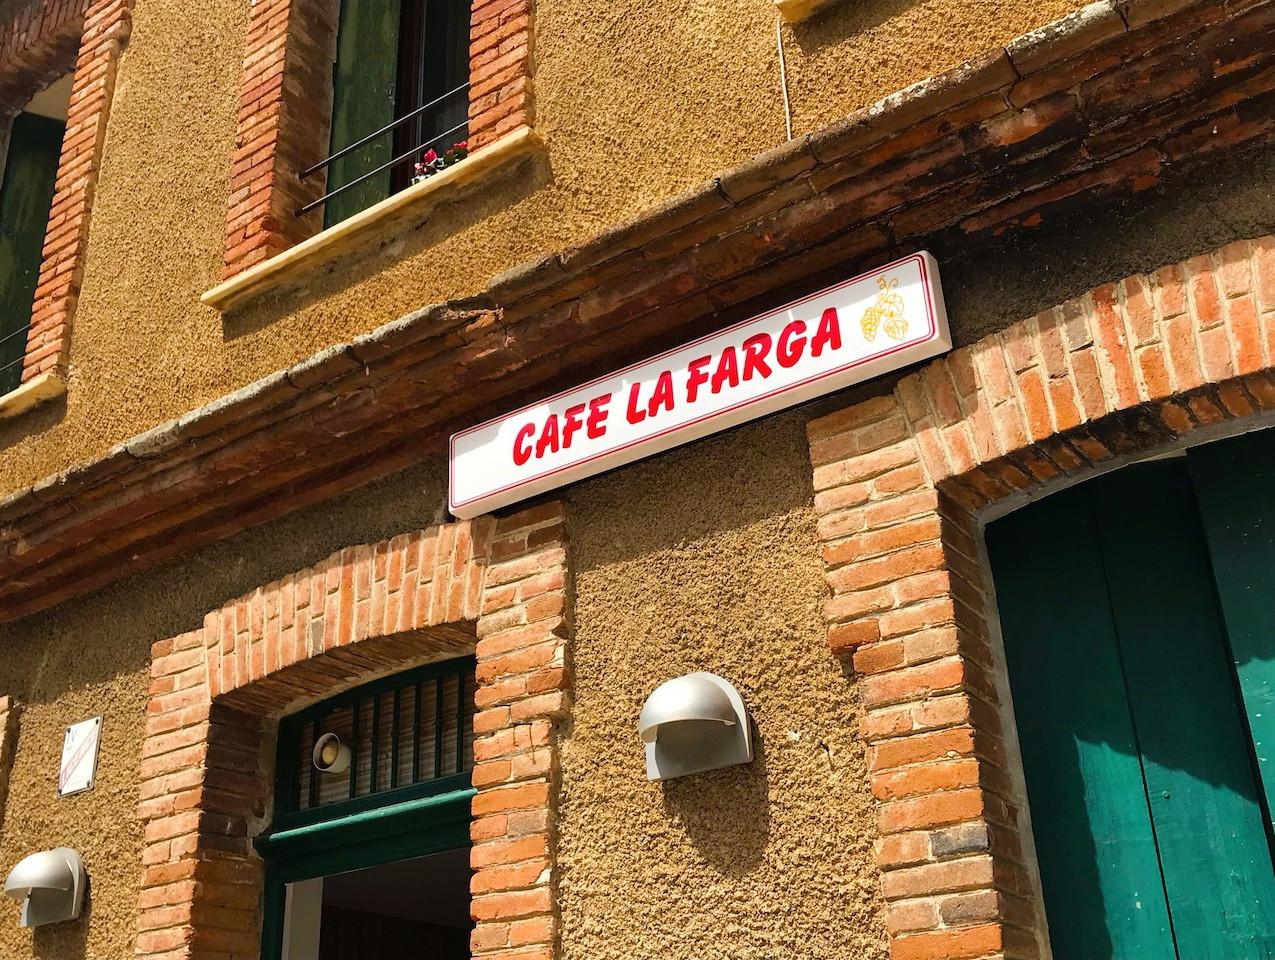 Café La Farga